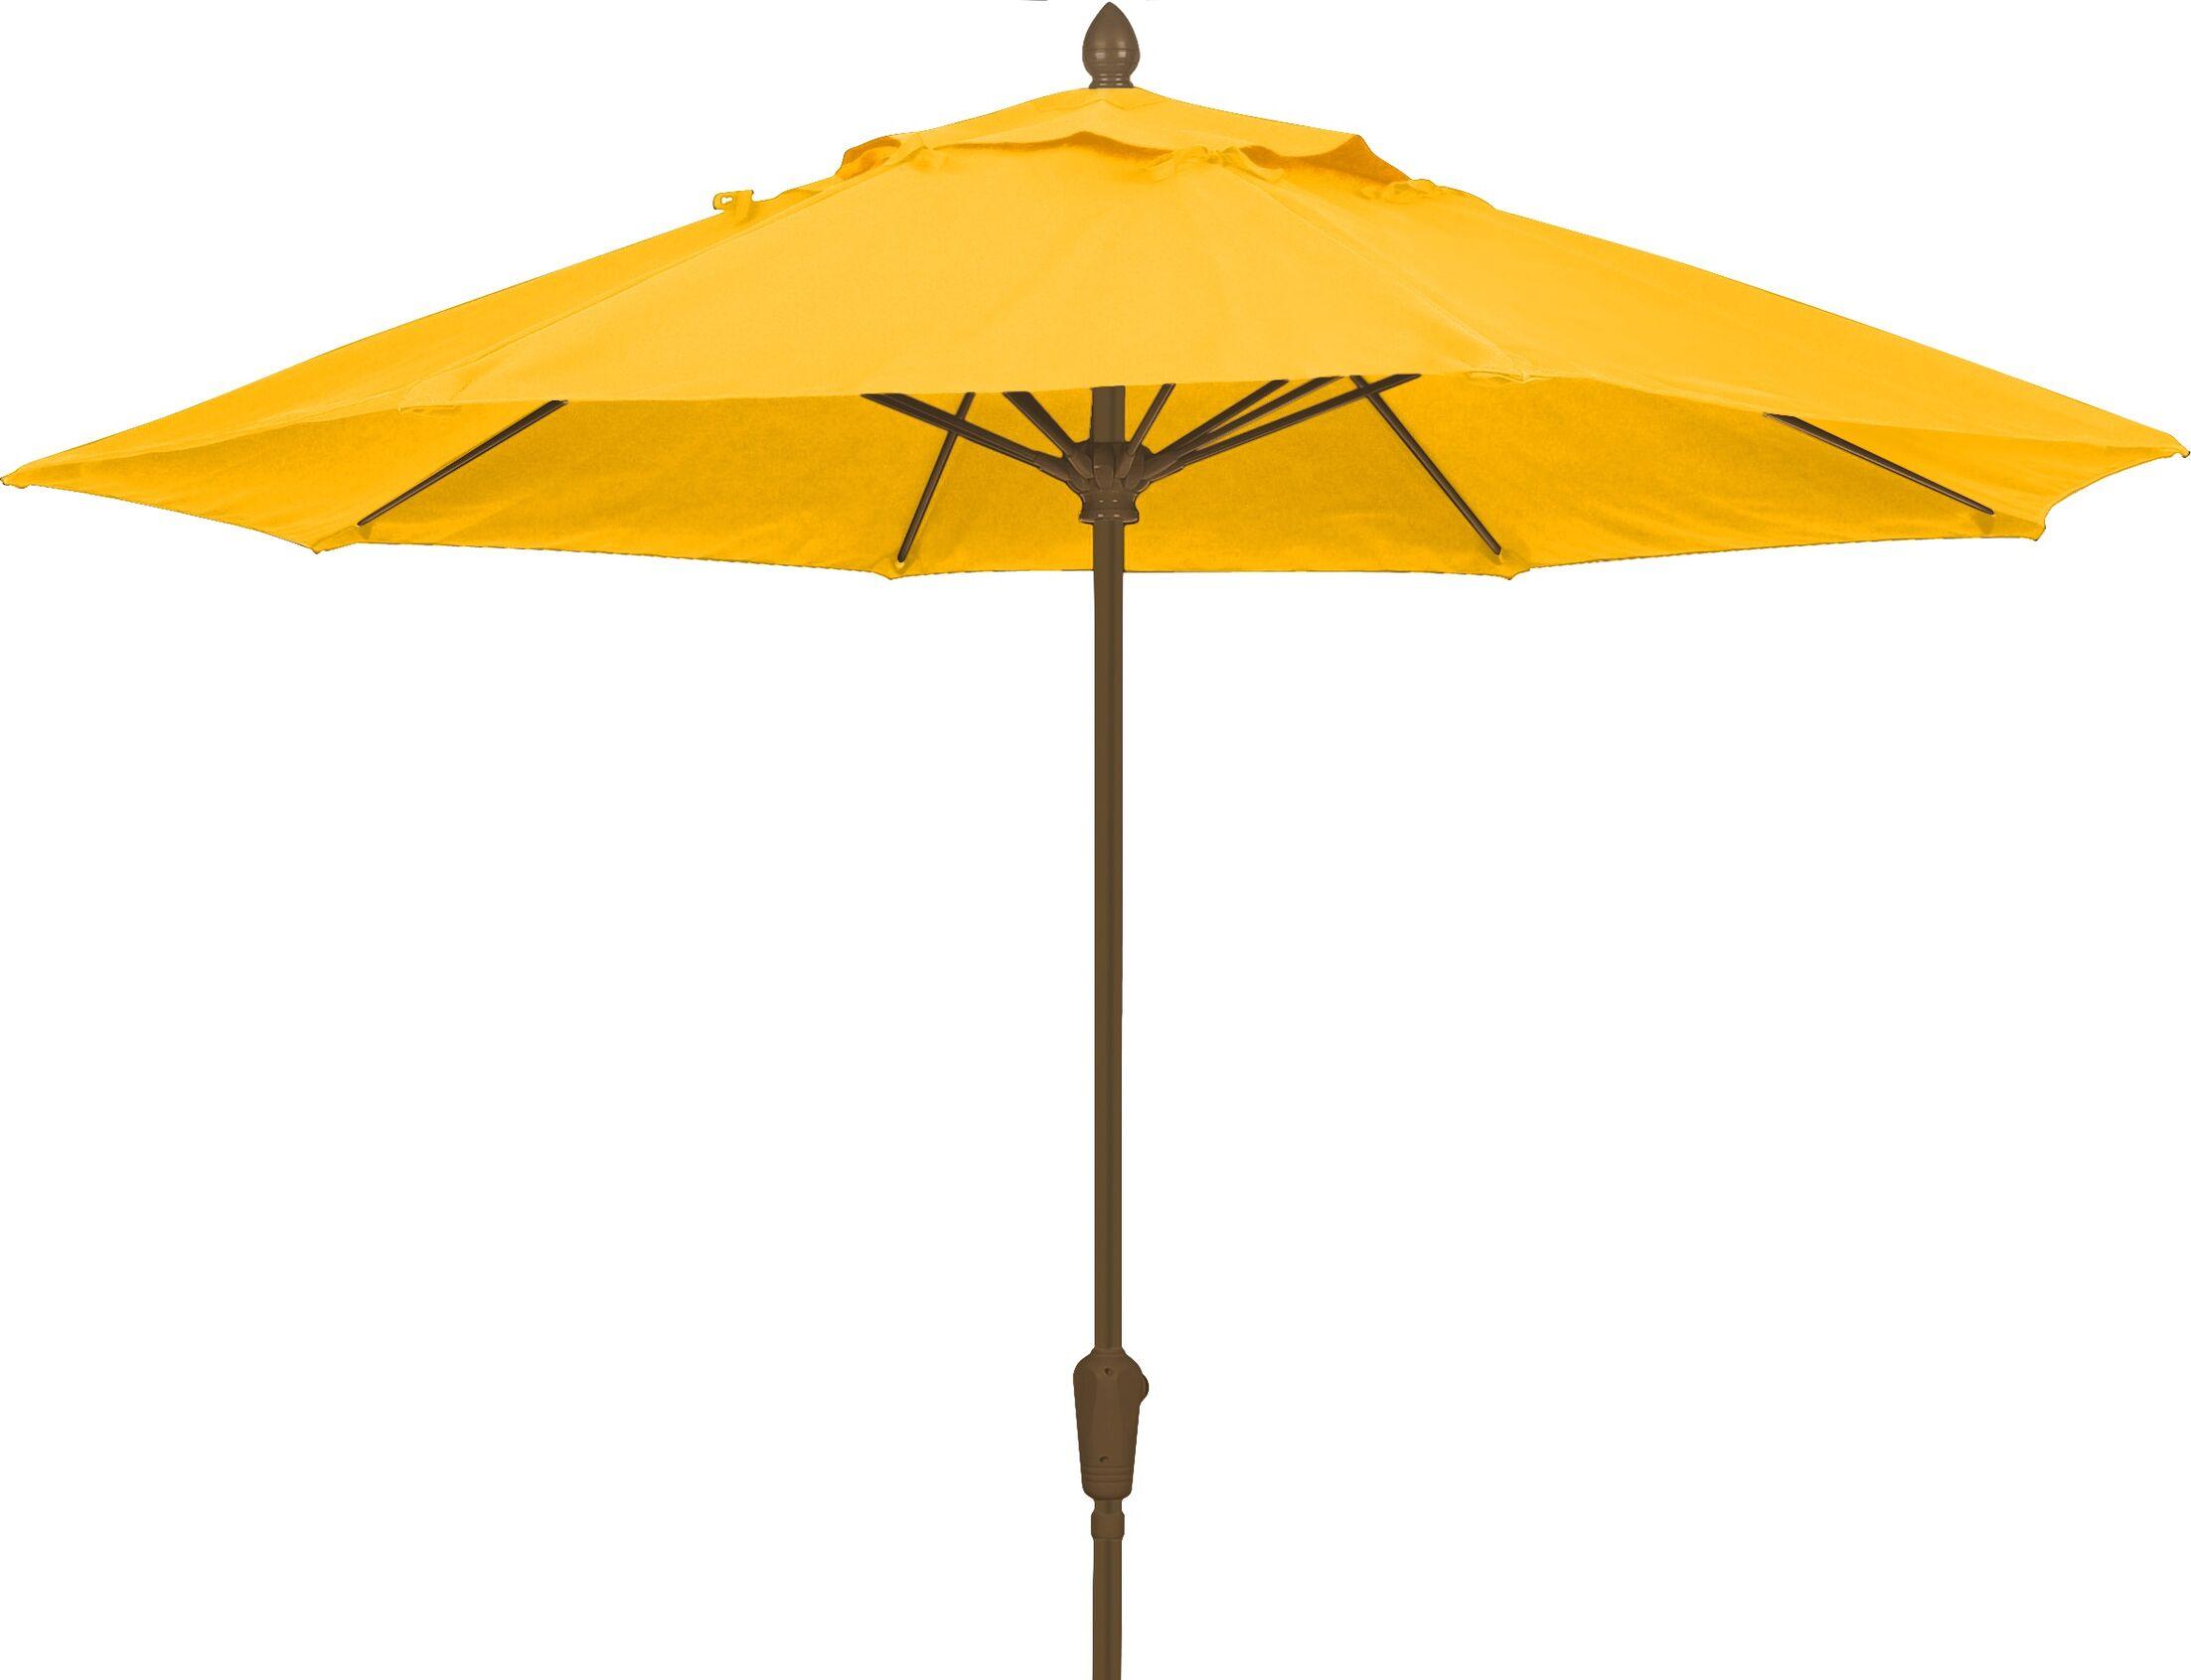 Prestige 9' Market Umbrella Frame Finish: White, Fabric: Buttercup